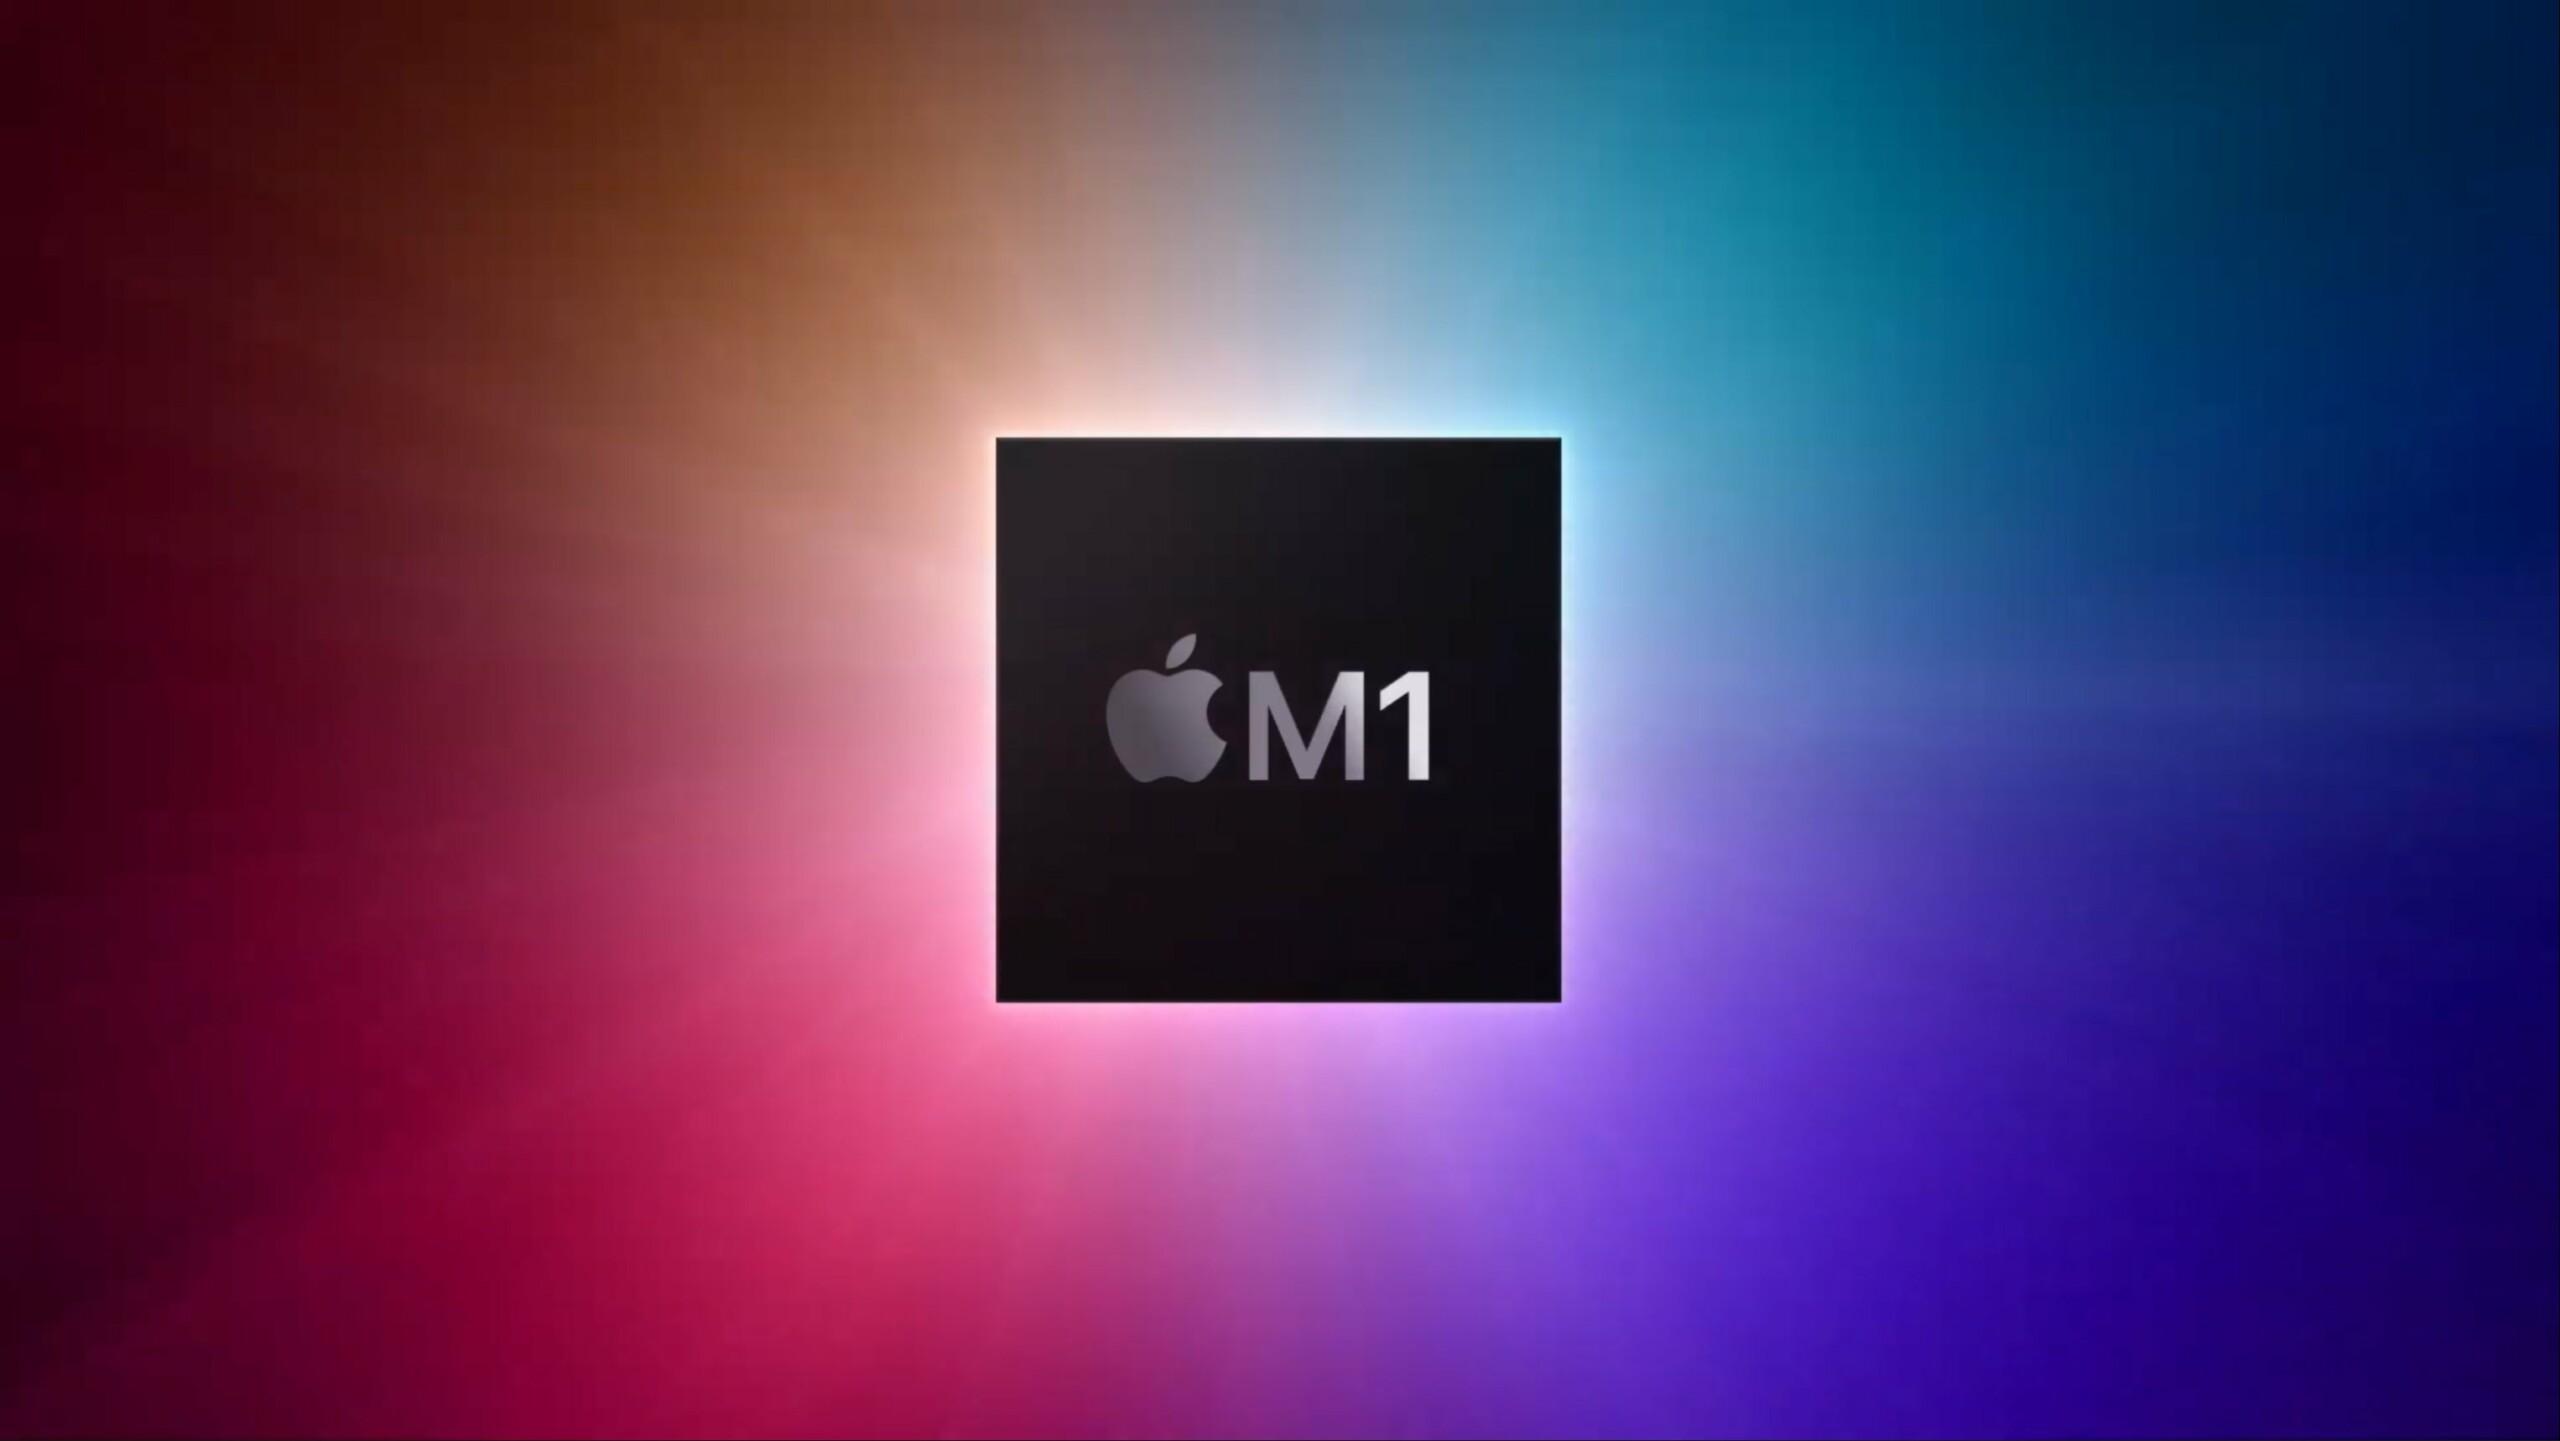 Une fois de plus le SoC AppleM1 fait forte impression face à la concurrencex86 d'Intel et AMD…